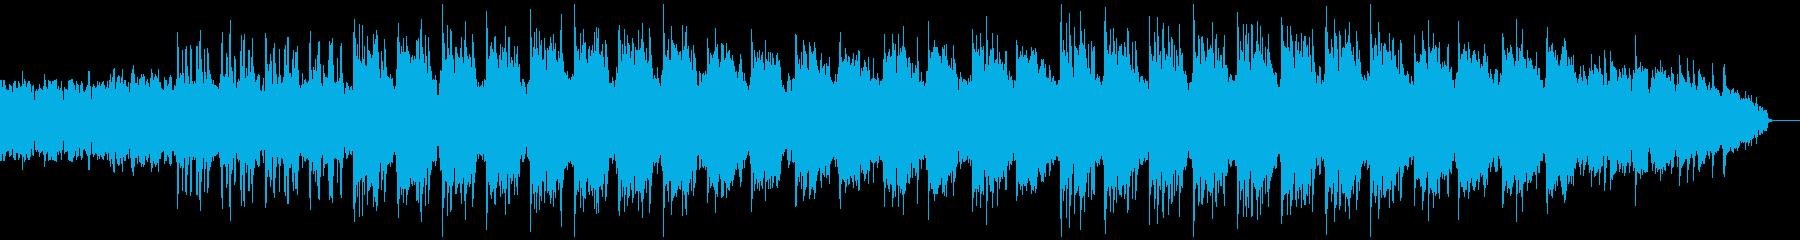 深い海をイメージしたオリエンタルテクノの再生済みの波形